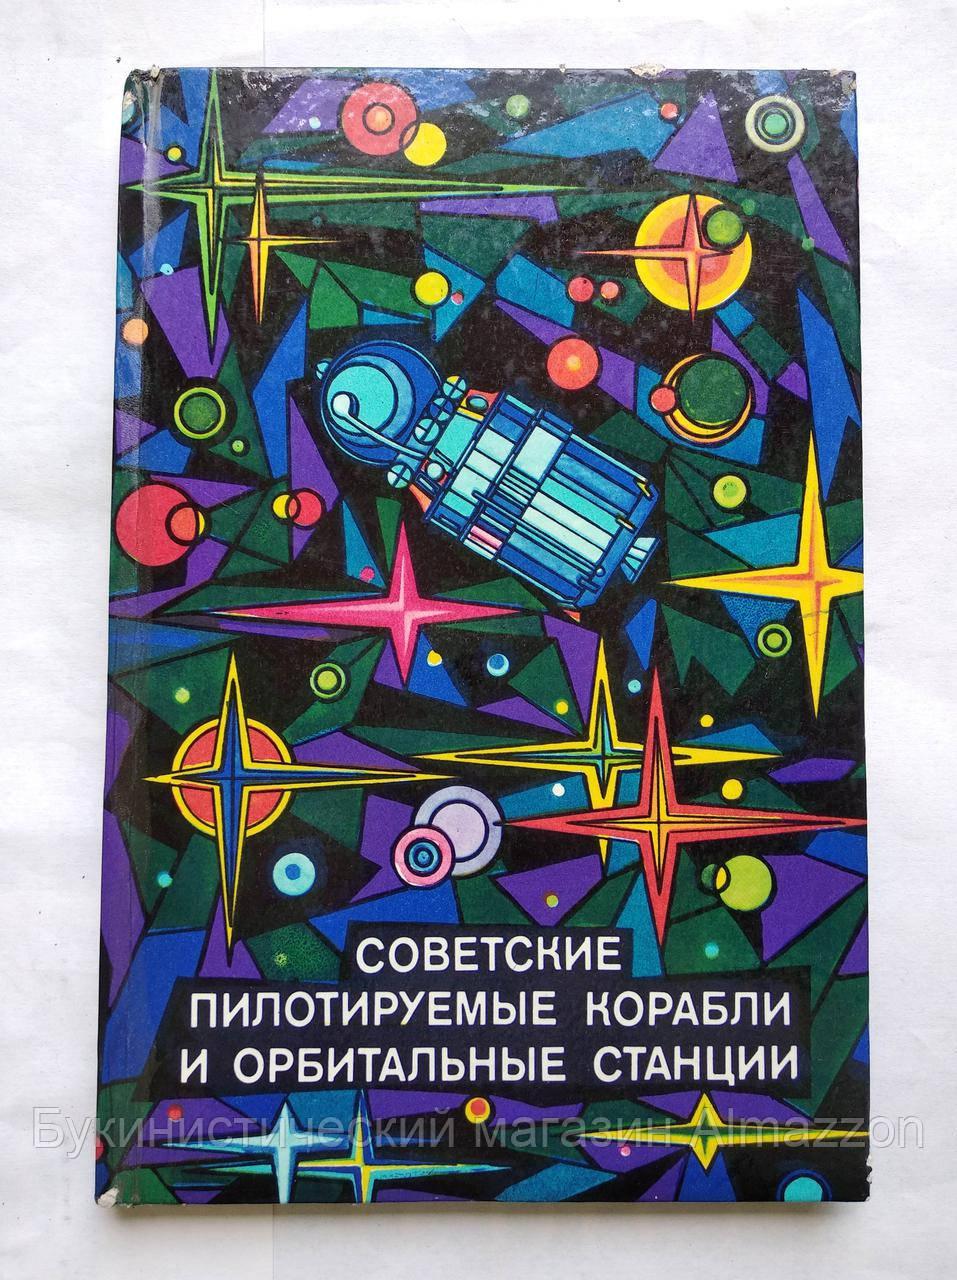 Советские пилотируемые корабли и орбитальные станции